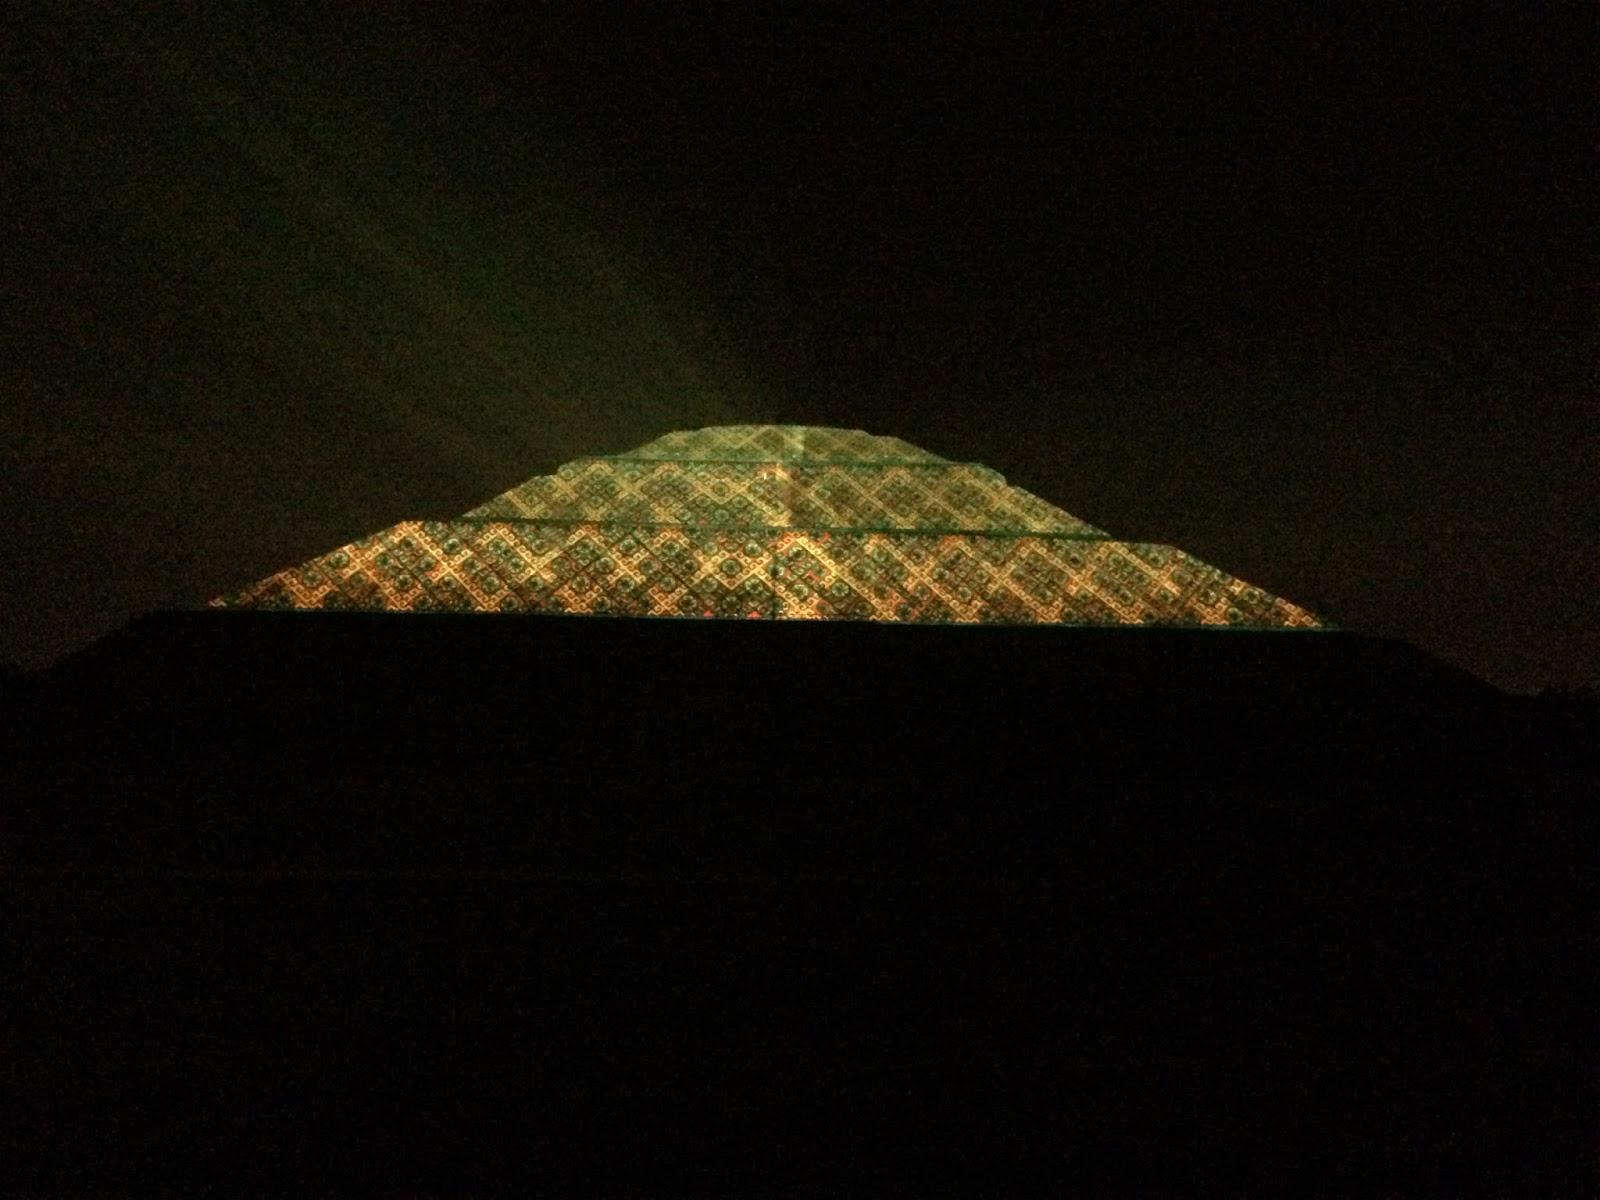 Informador de oriente se pronuncian en contra del Espectaculo de luz y sonido en teotihuacan